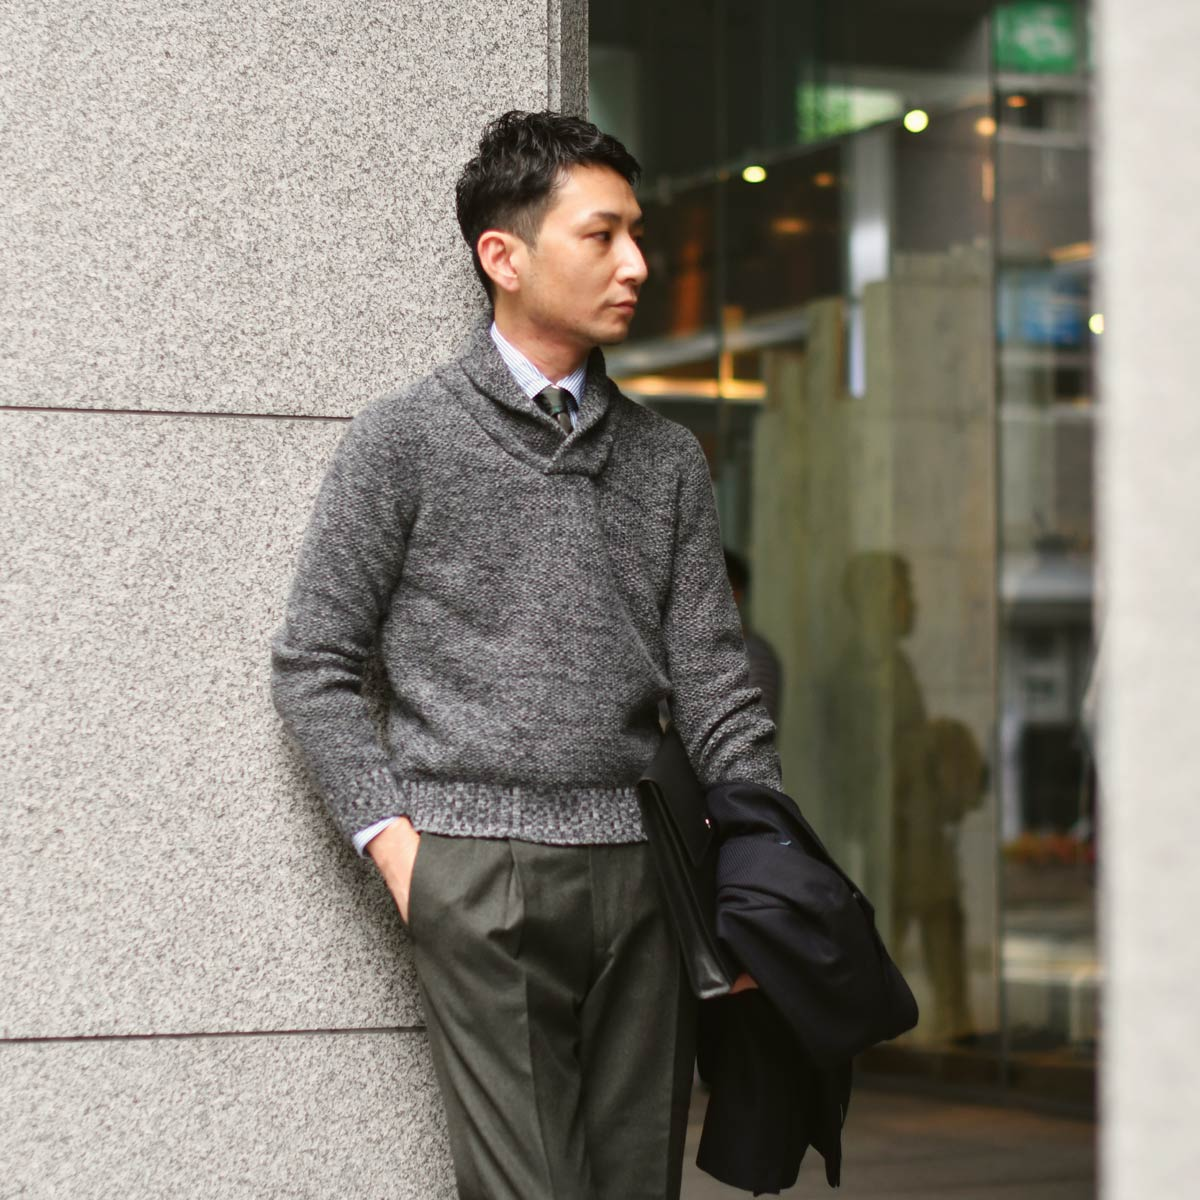 気品漂う柔らかな印象のジャケットスタイル!!TAGLIATORE【タリアトーレ】